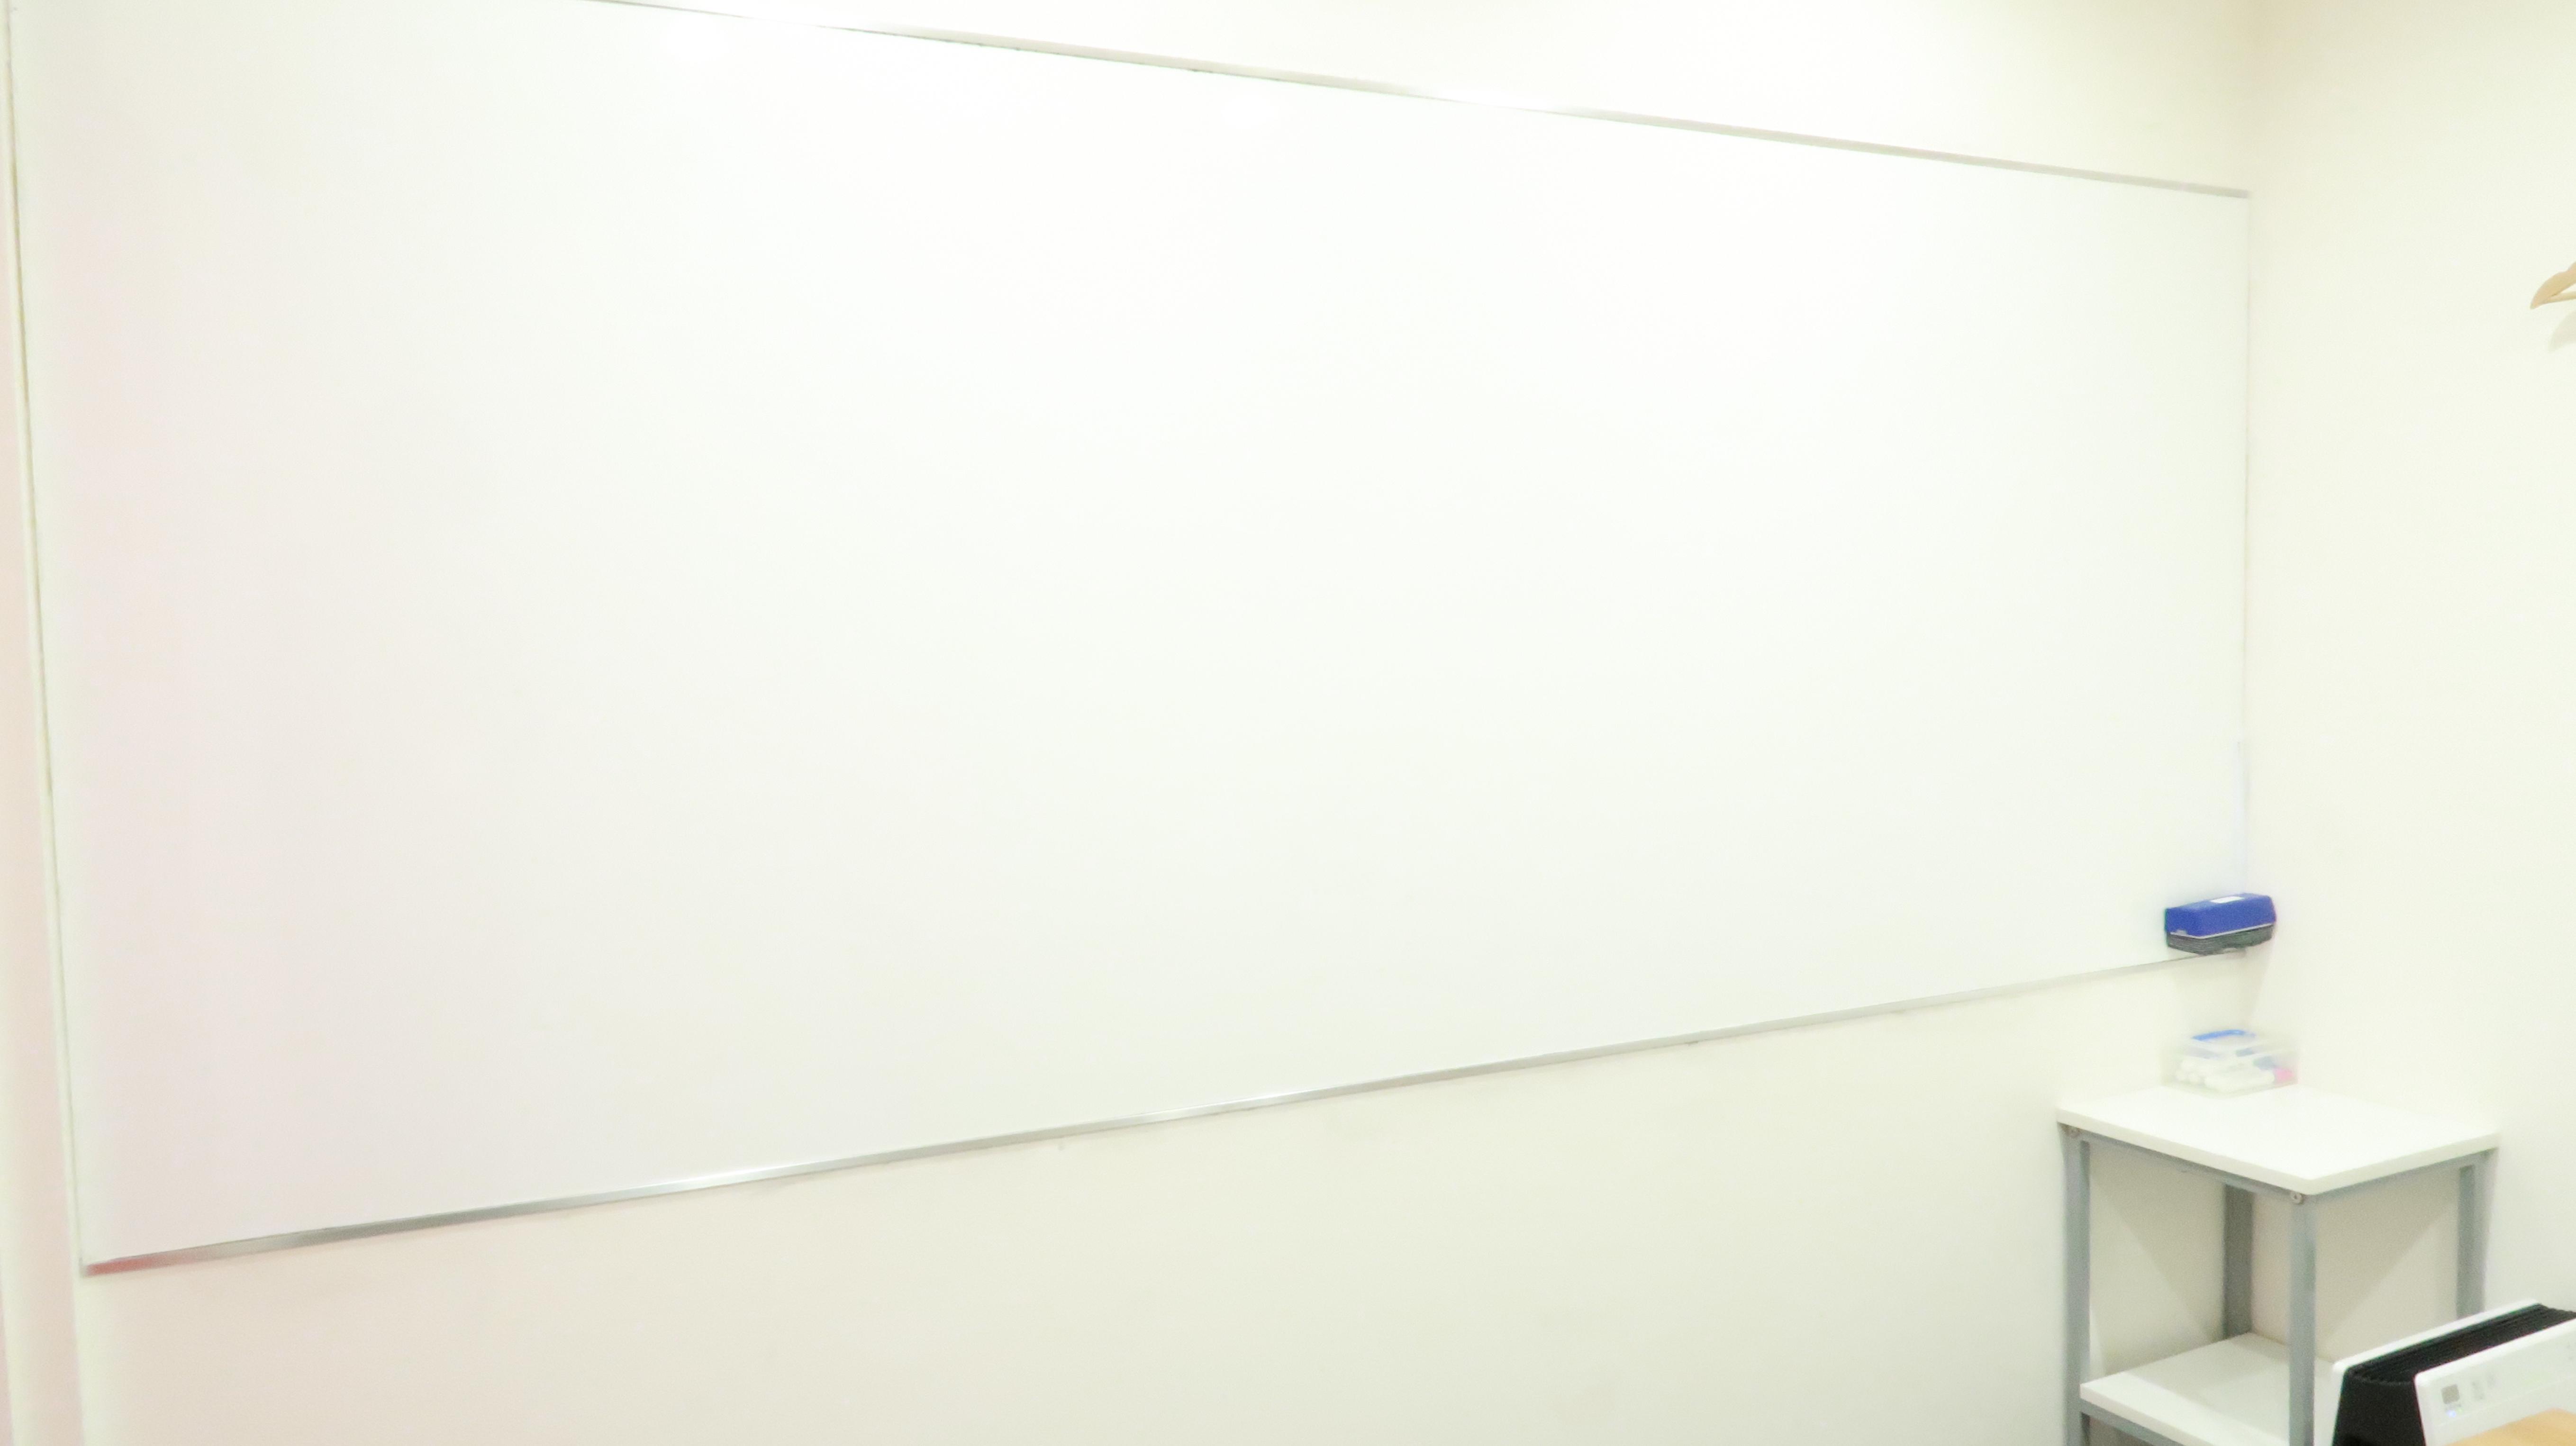 壁式ホワイトボード(常設) - レンタルスペース  パズル浅草橋 セミナールーム・貸し会議室2Aの設備の写真